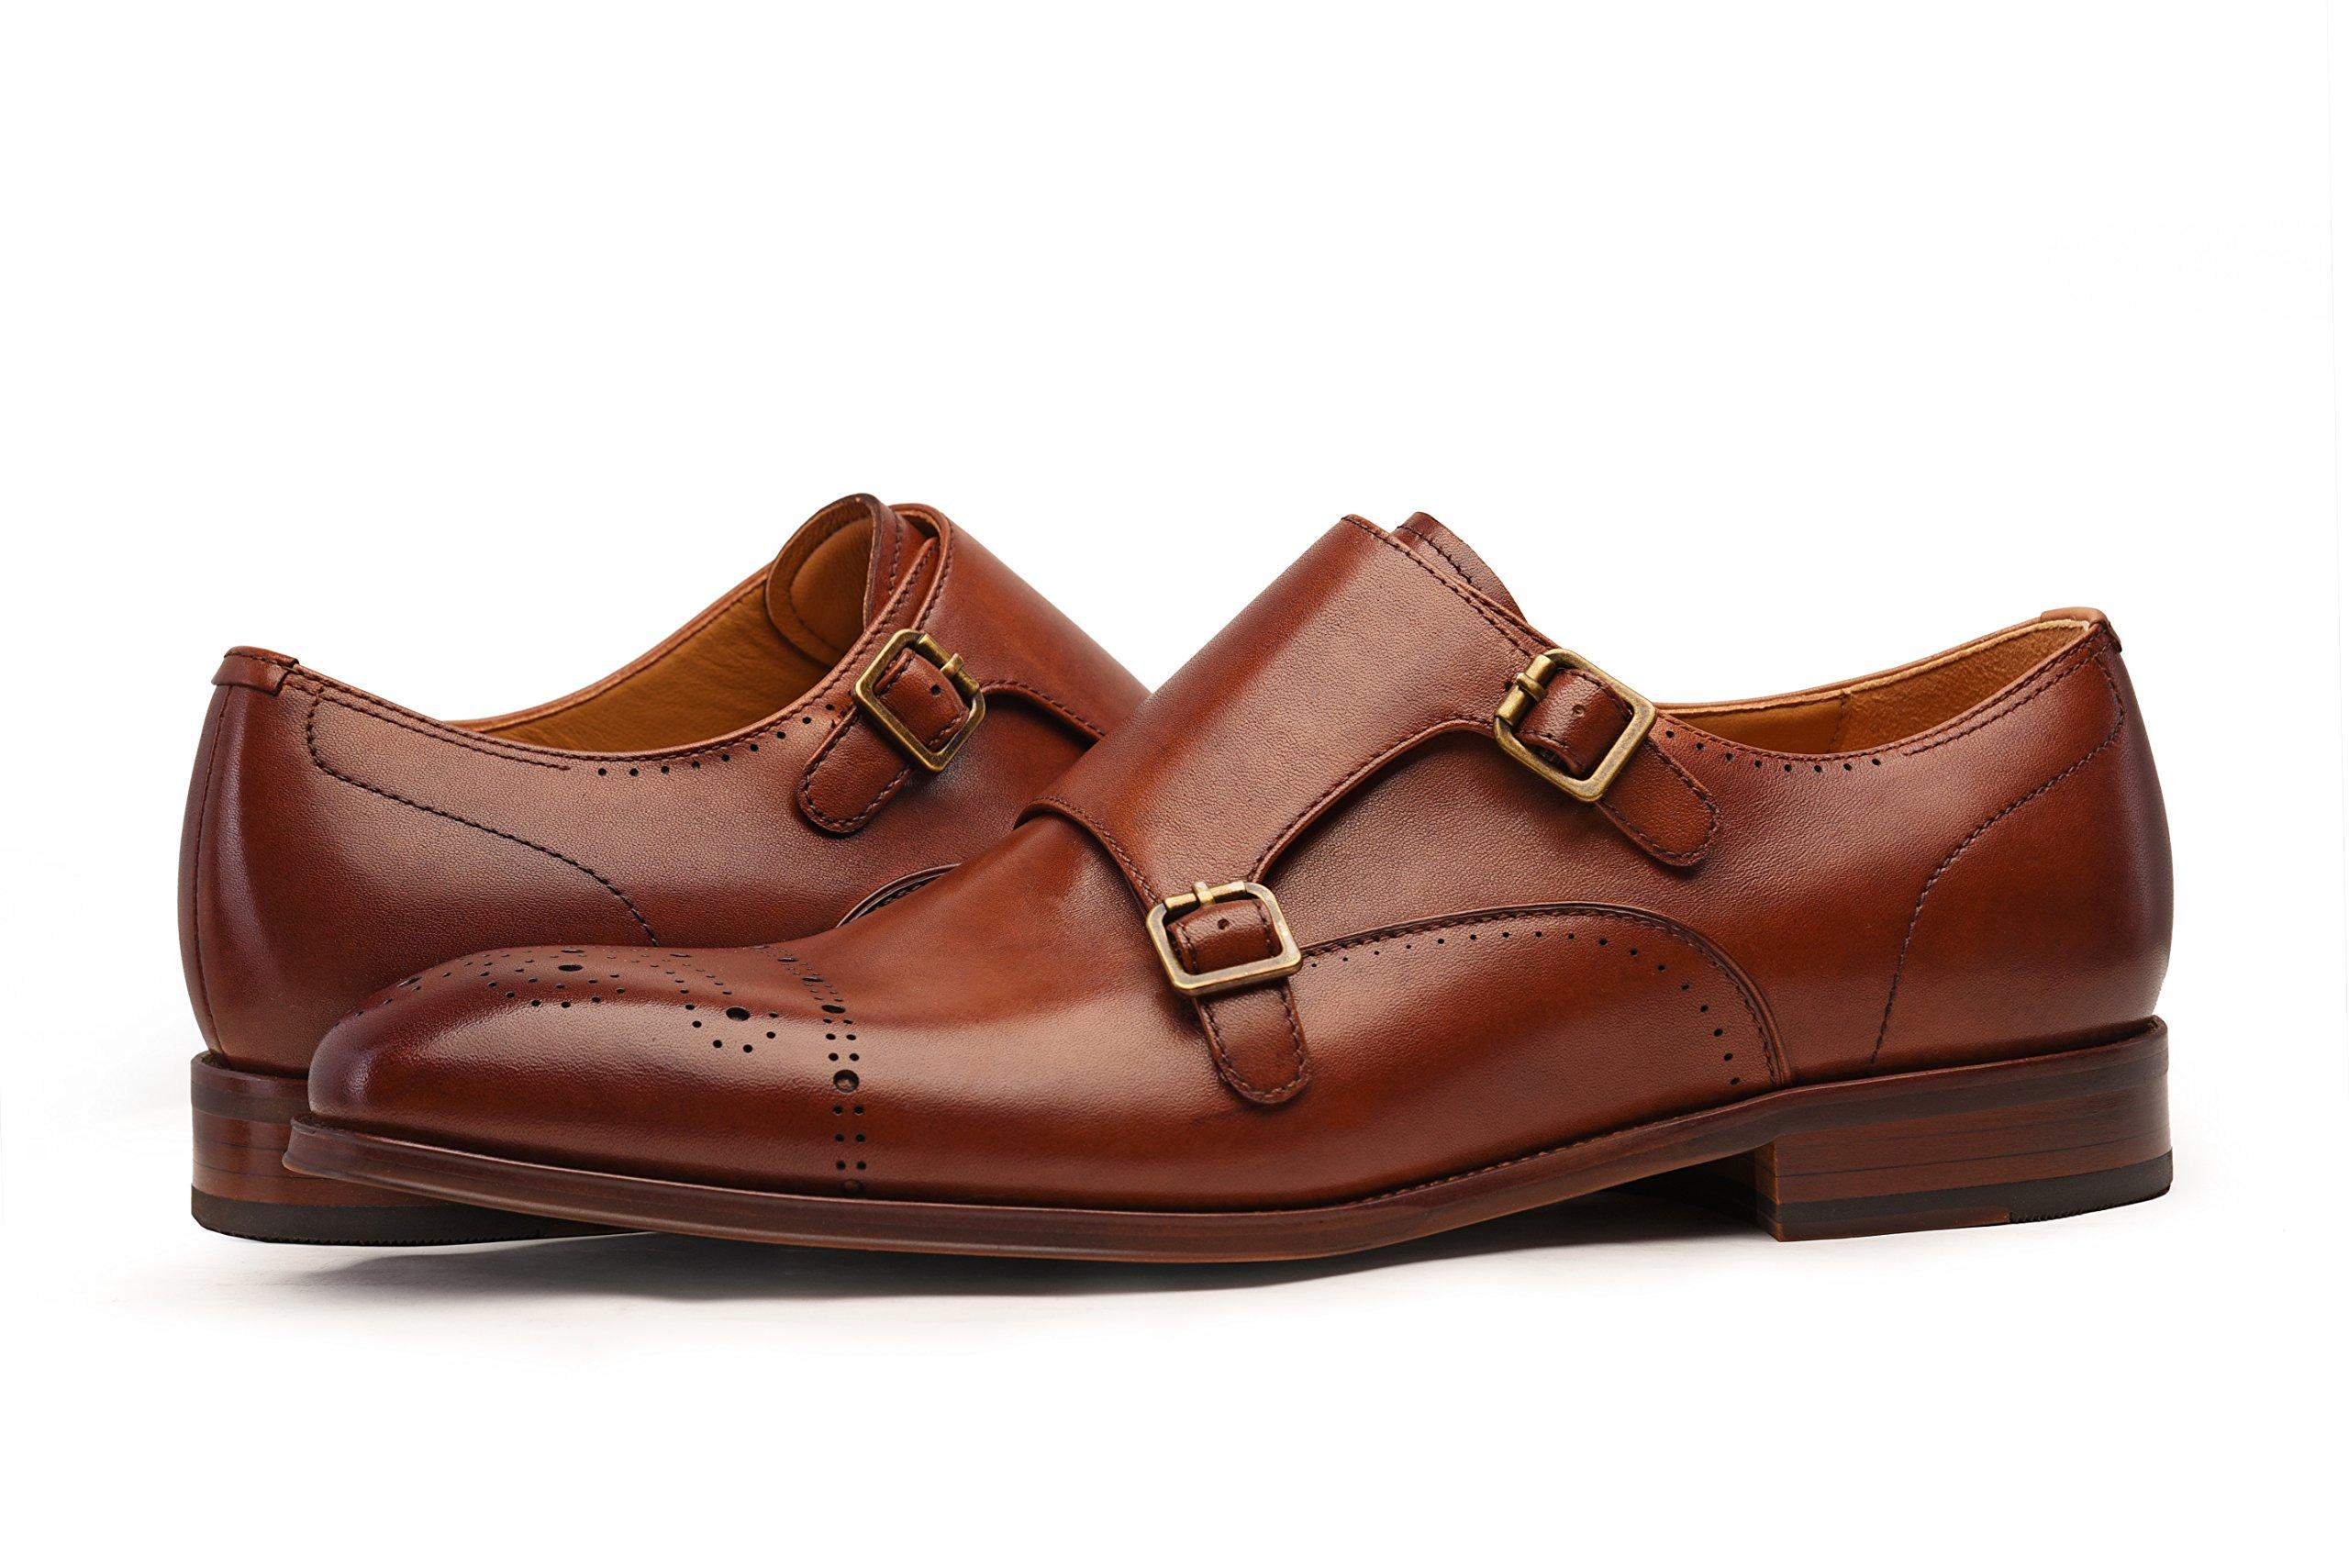 COMOTEK Men's Classic Double Monk Strap Full Grain Leather Shoes,2018 Design-Adroit Tans US10.5